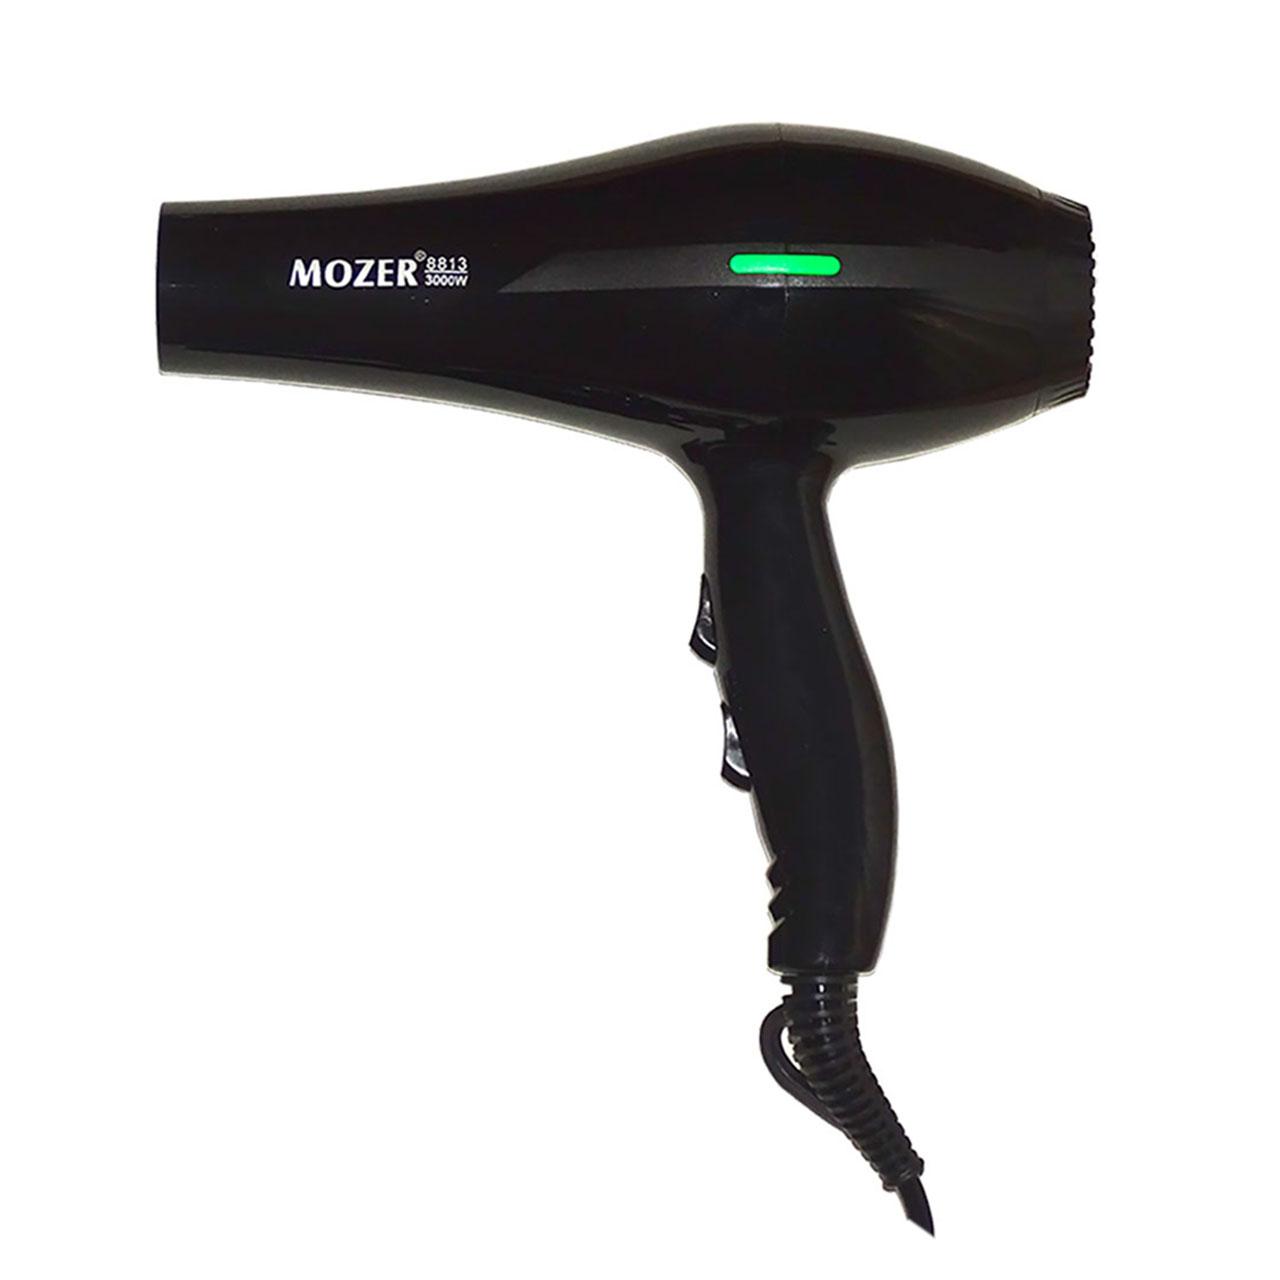 سشوار موزر مدل MZ-8813